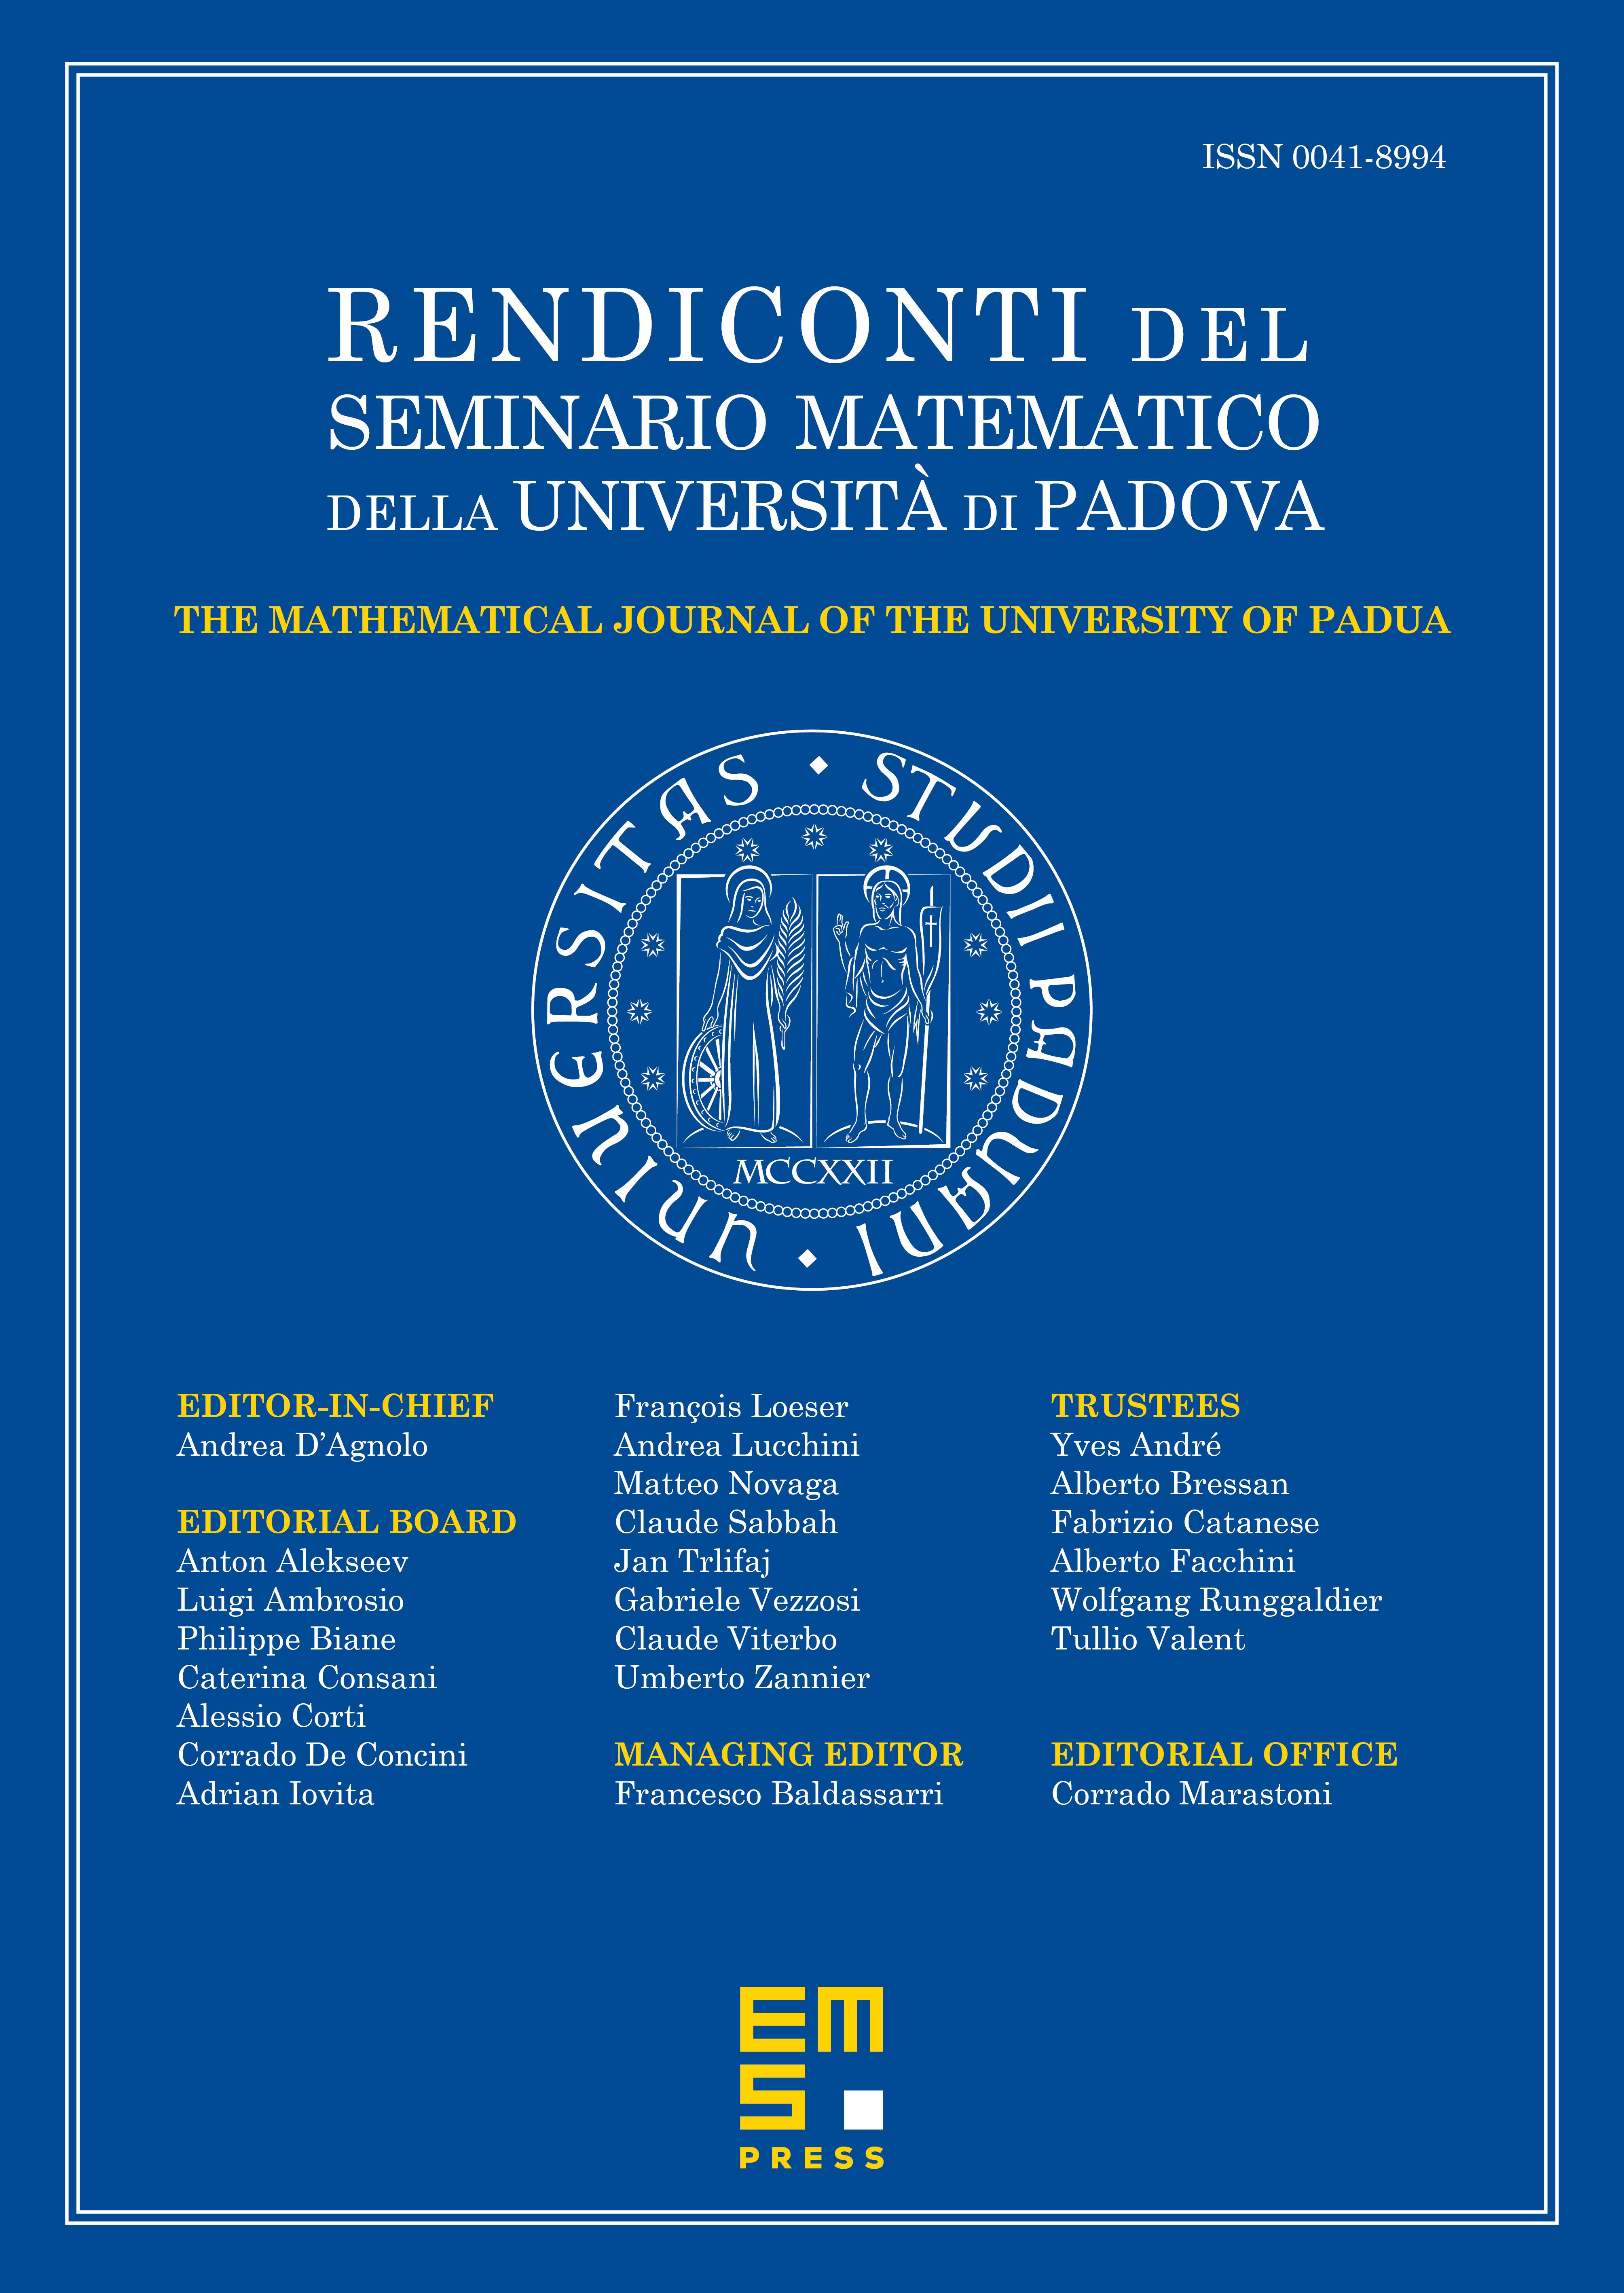 Rend. Sem. Mat. Univ. Padova cover